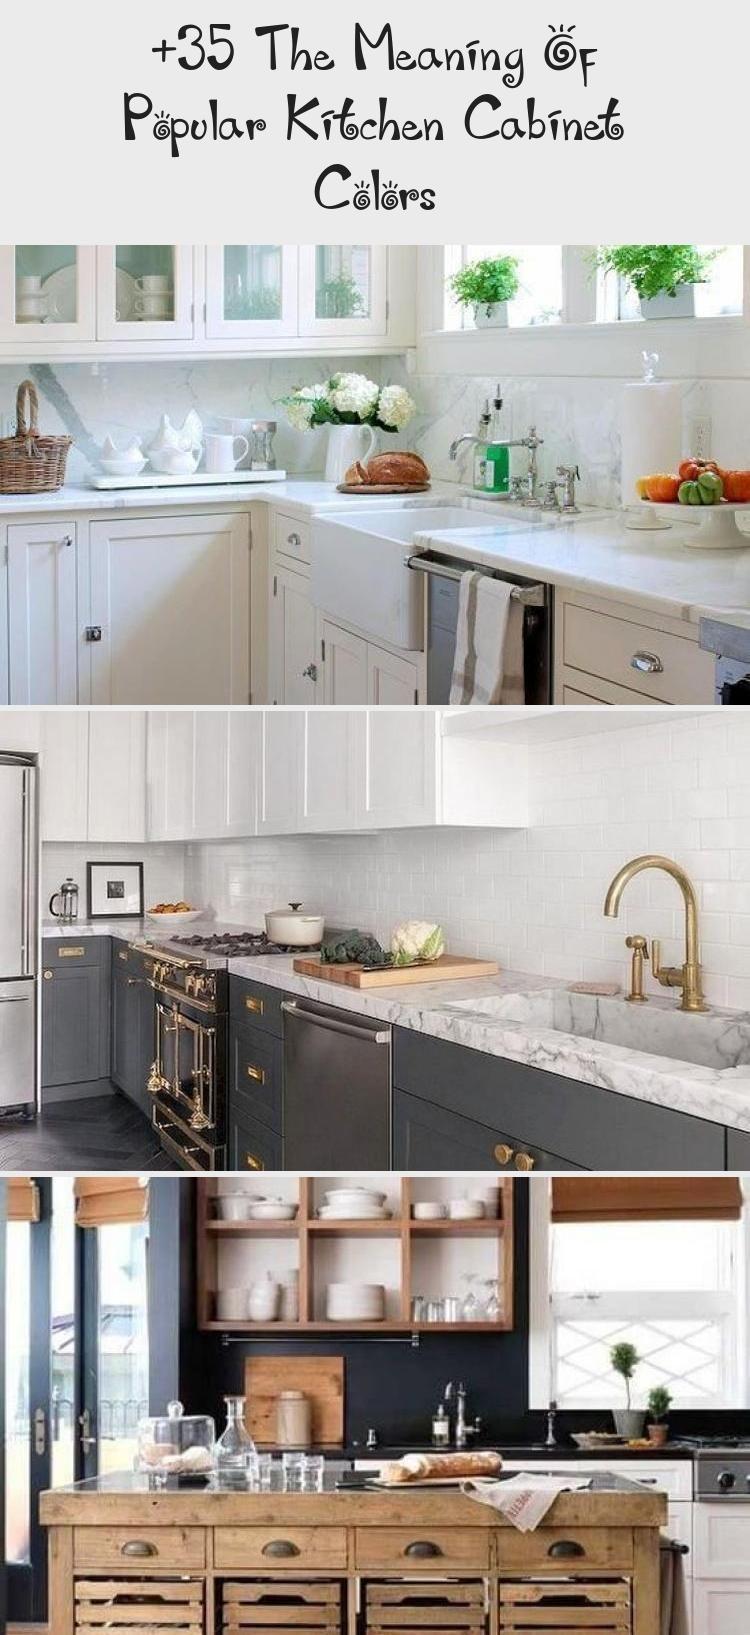 En Blog En Blog In 2020 Kitchen Cabinet Colors Dining Room Renovation Popular Kitchens